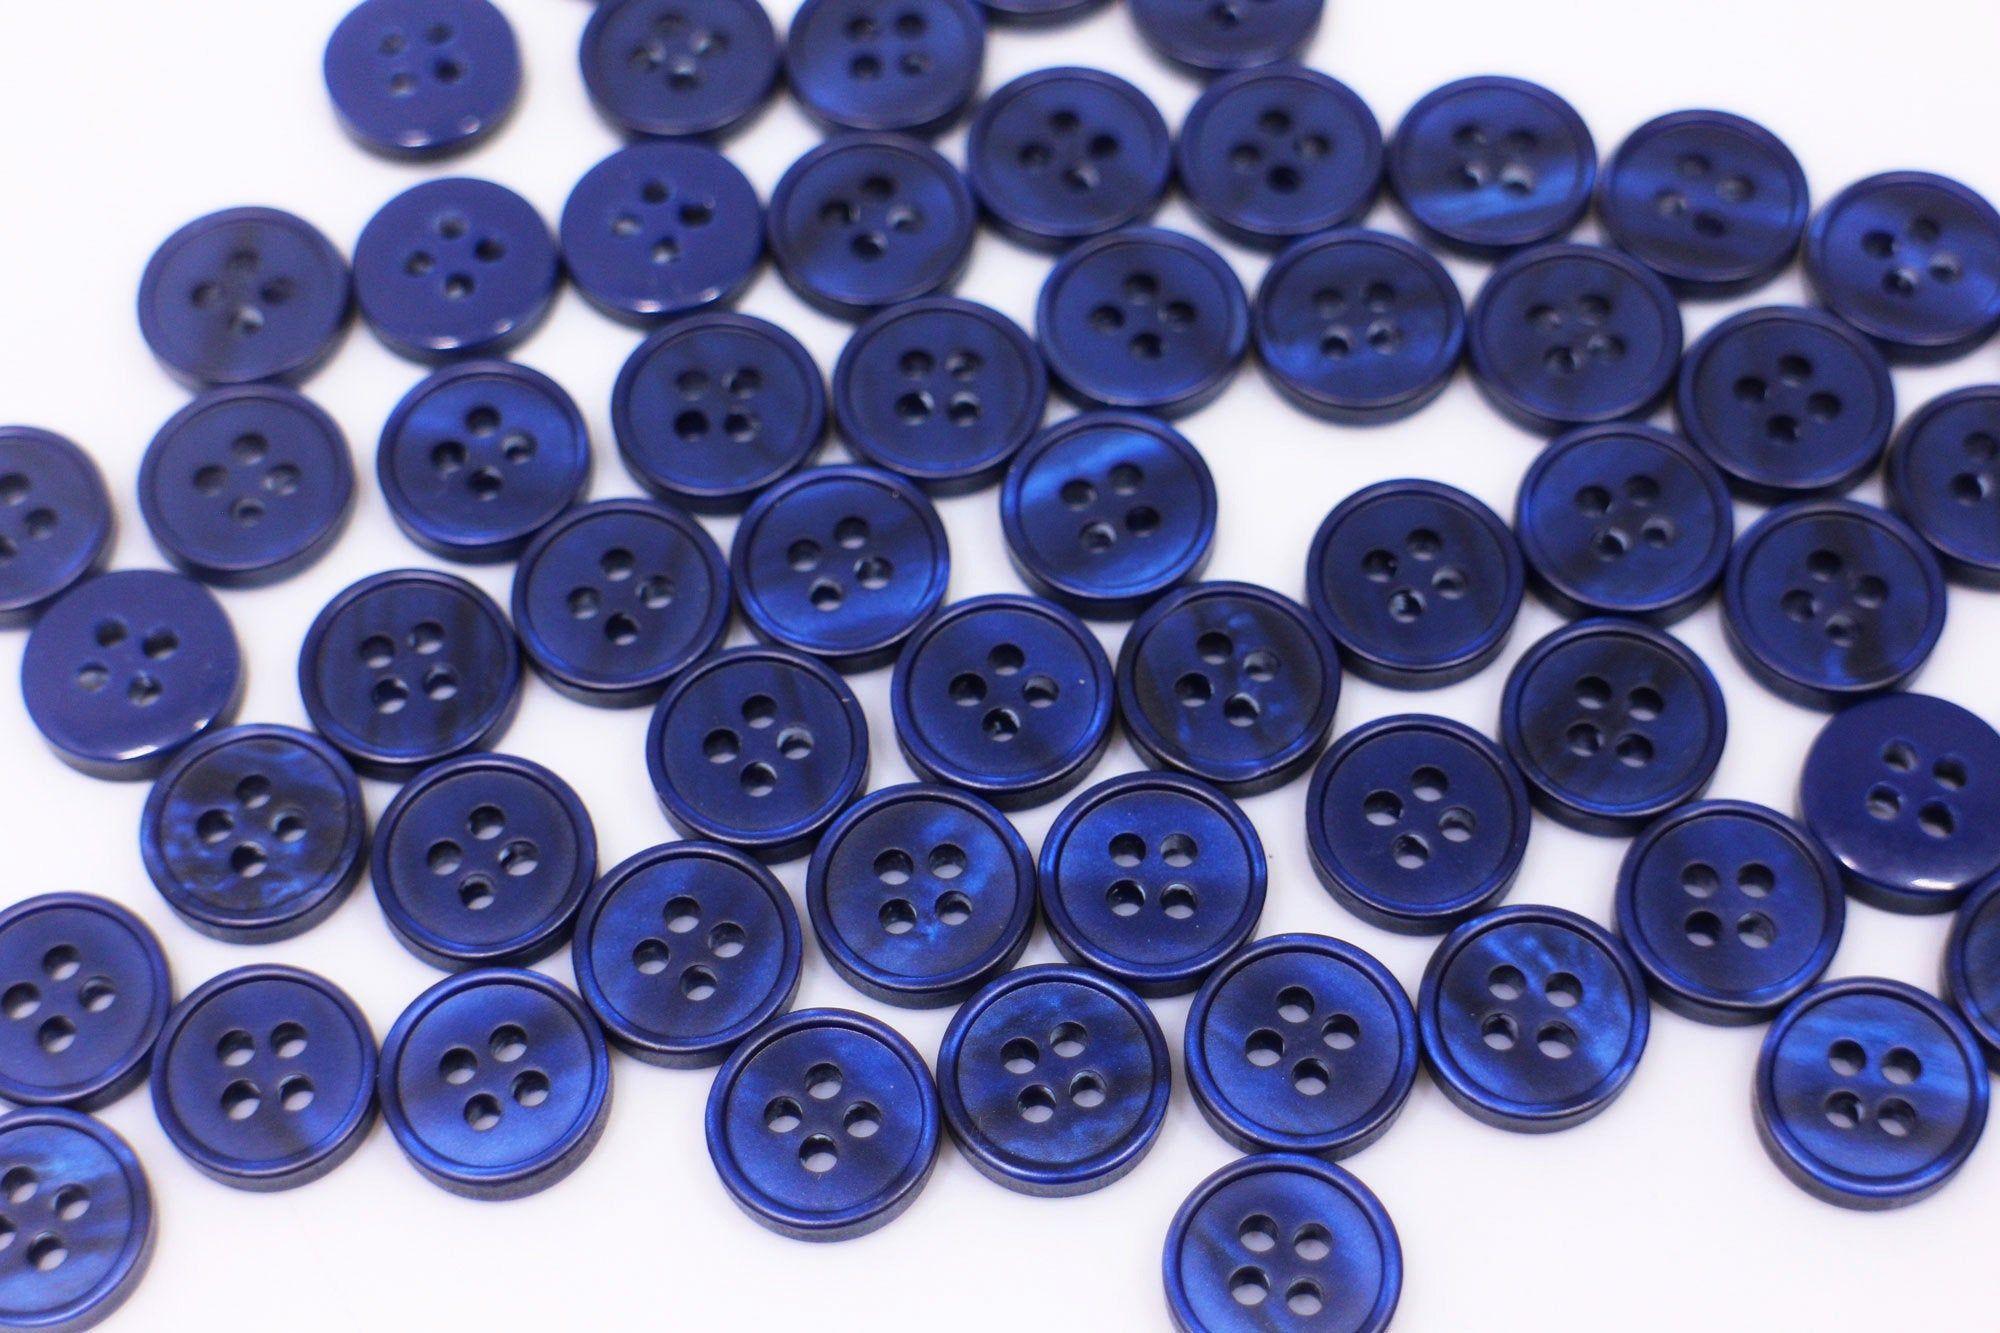 diameter 1.3 cm Four vintage buttons purple